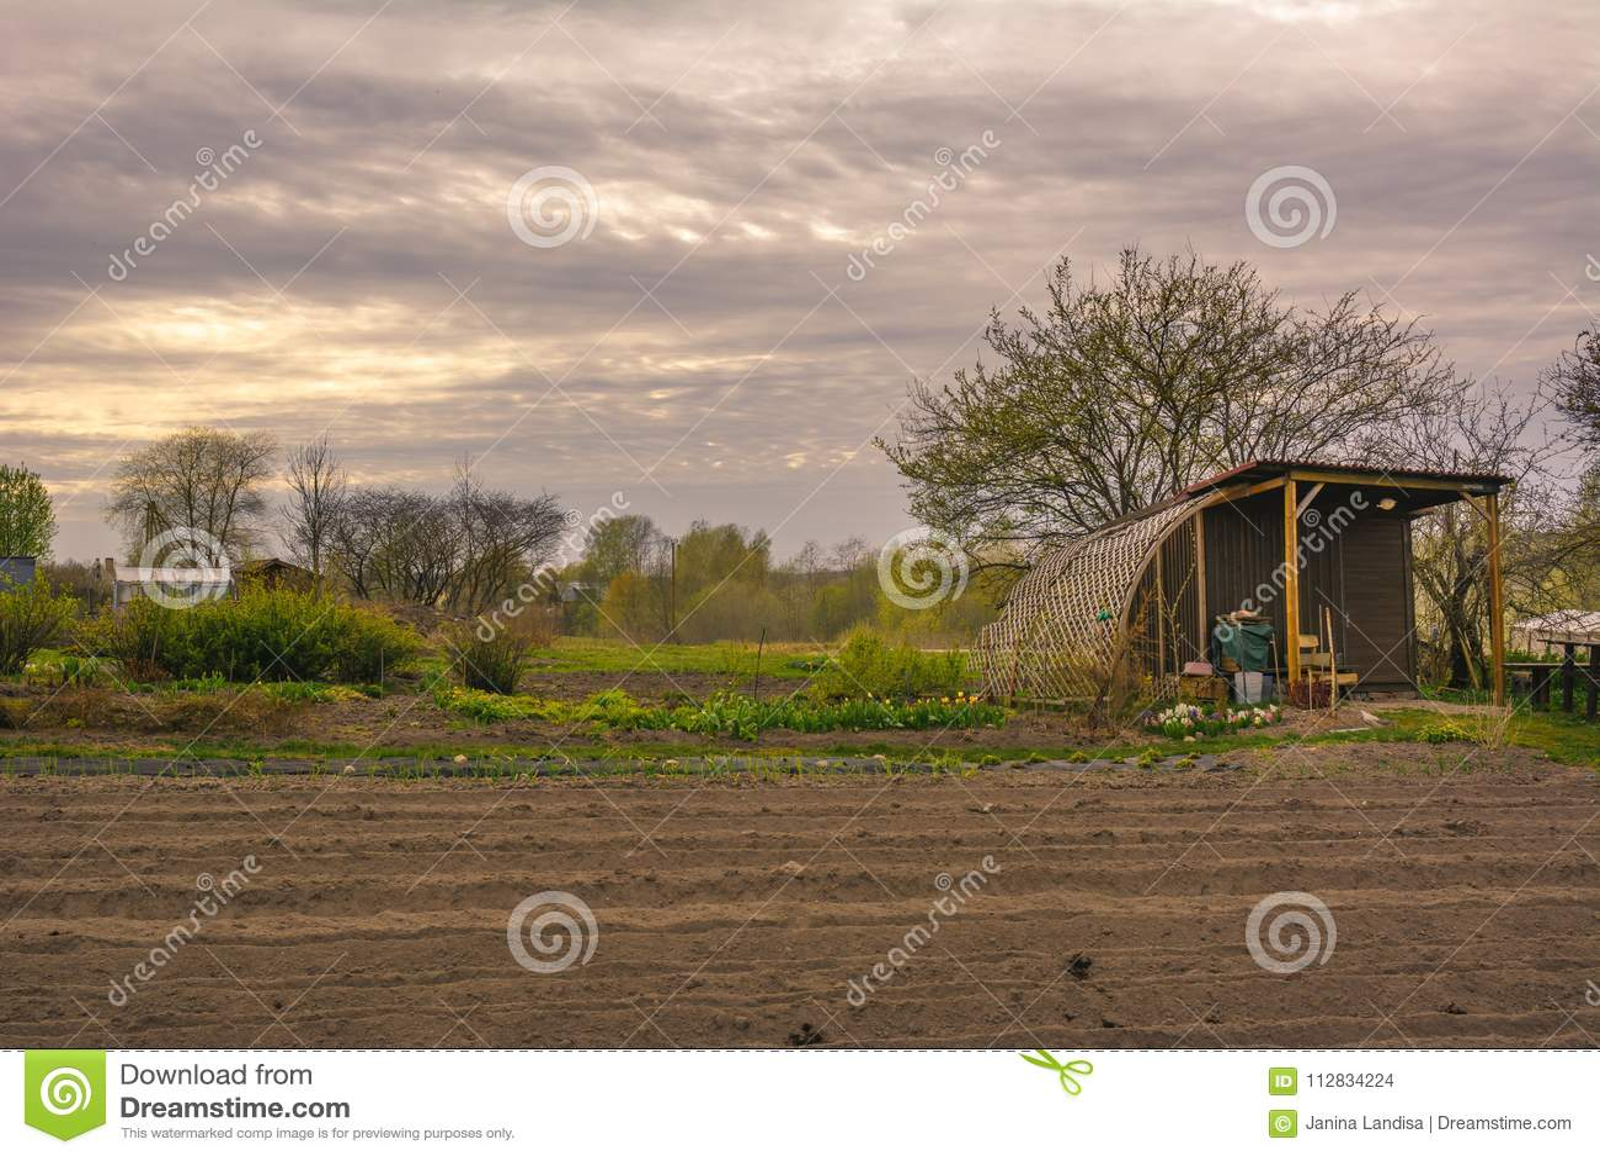 Klein tuinhuis in een tuin met voorrijen in de lente nanometer